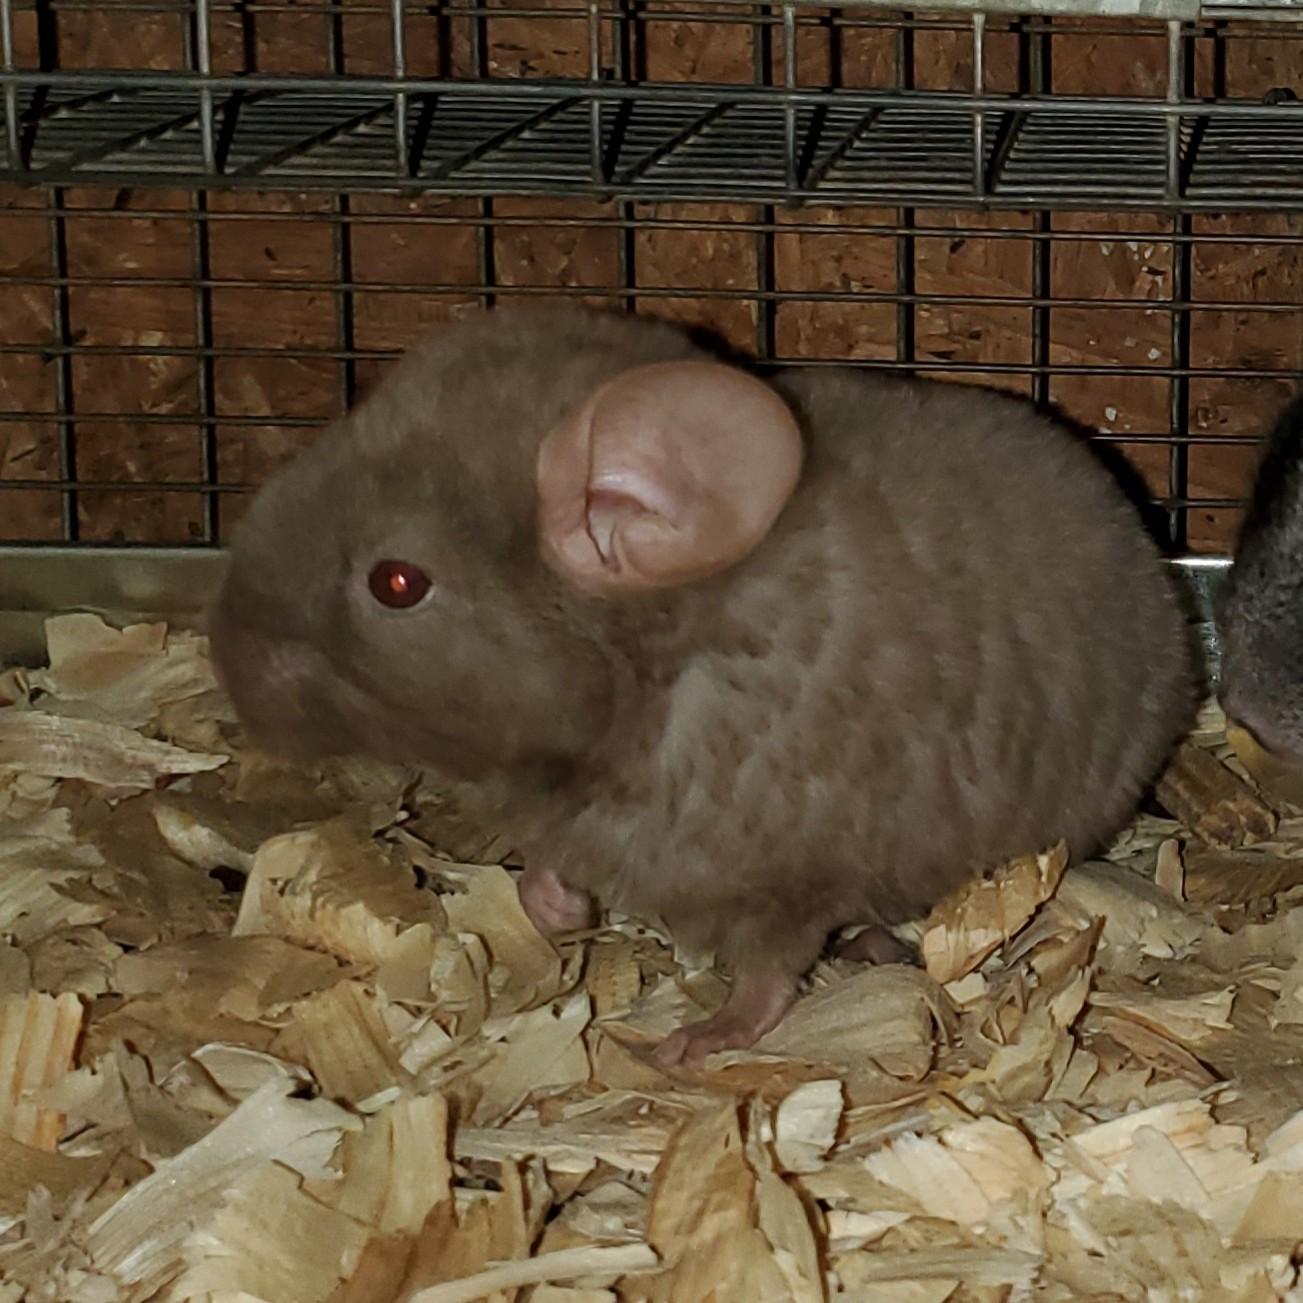 Chinchilla For Sale >> Chinchilla Rodents For Sale Augusta Ga 309516